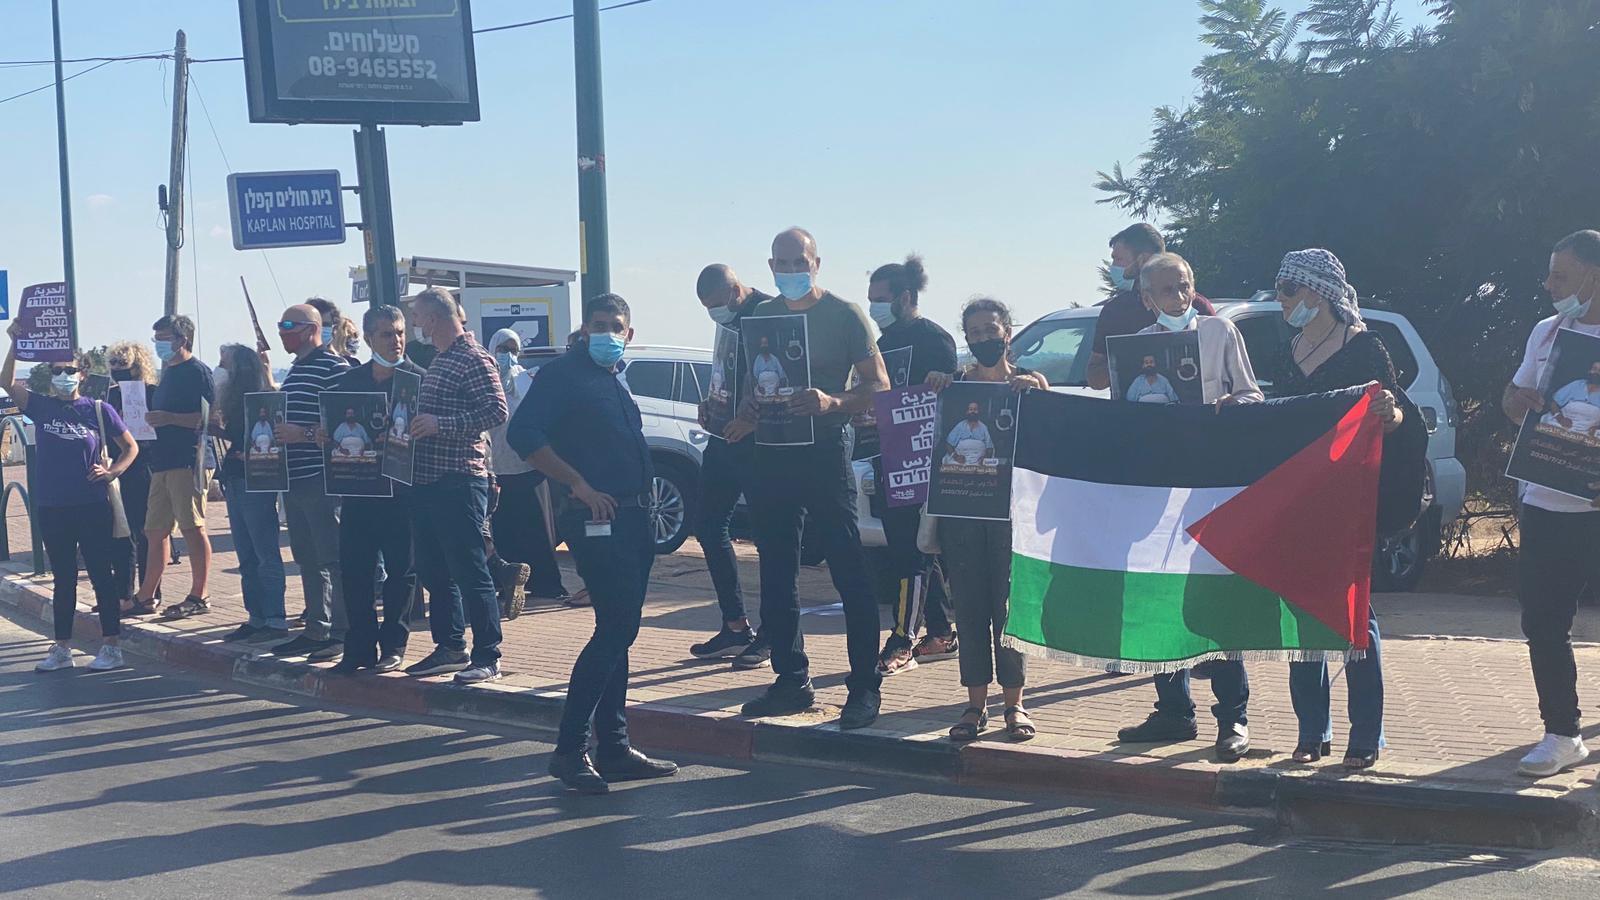 تظاهرة أمام مستشفى كابلان دعمًا للأسير ماهر الأخرس